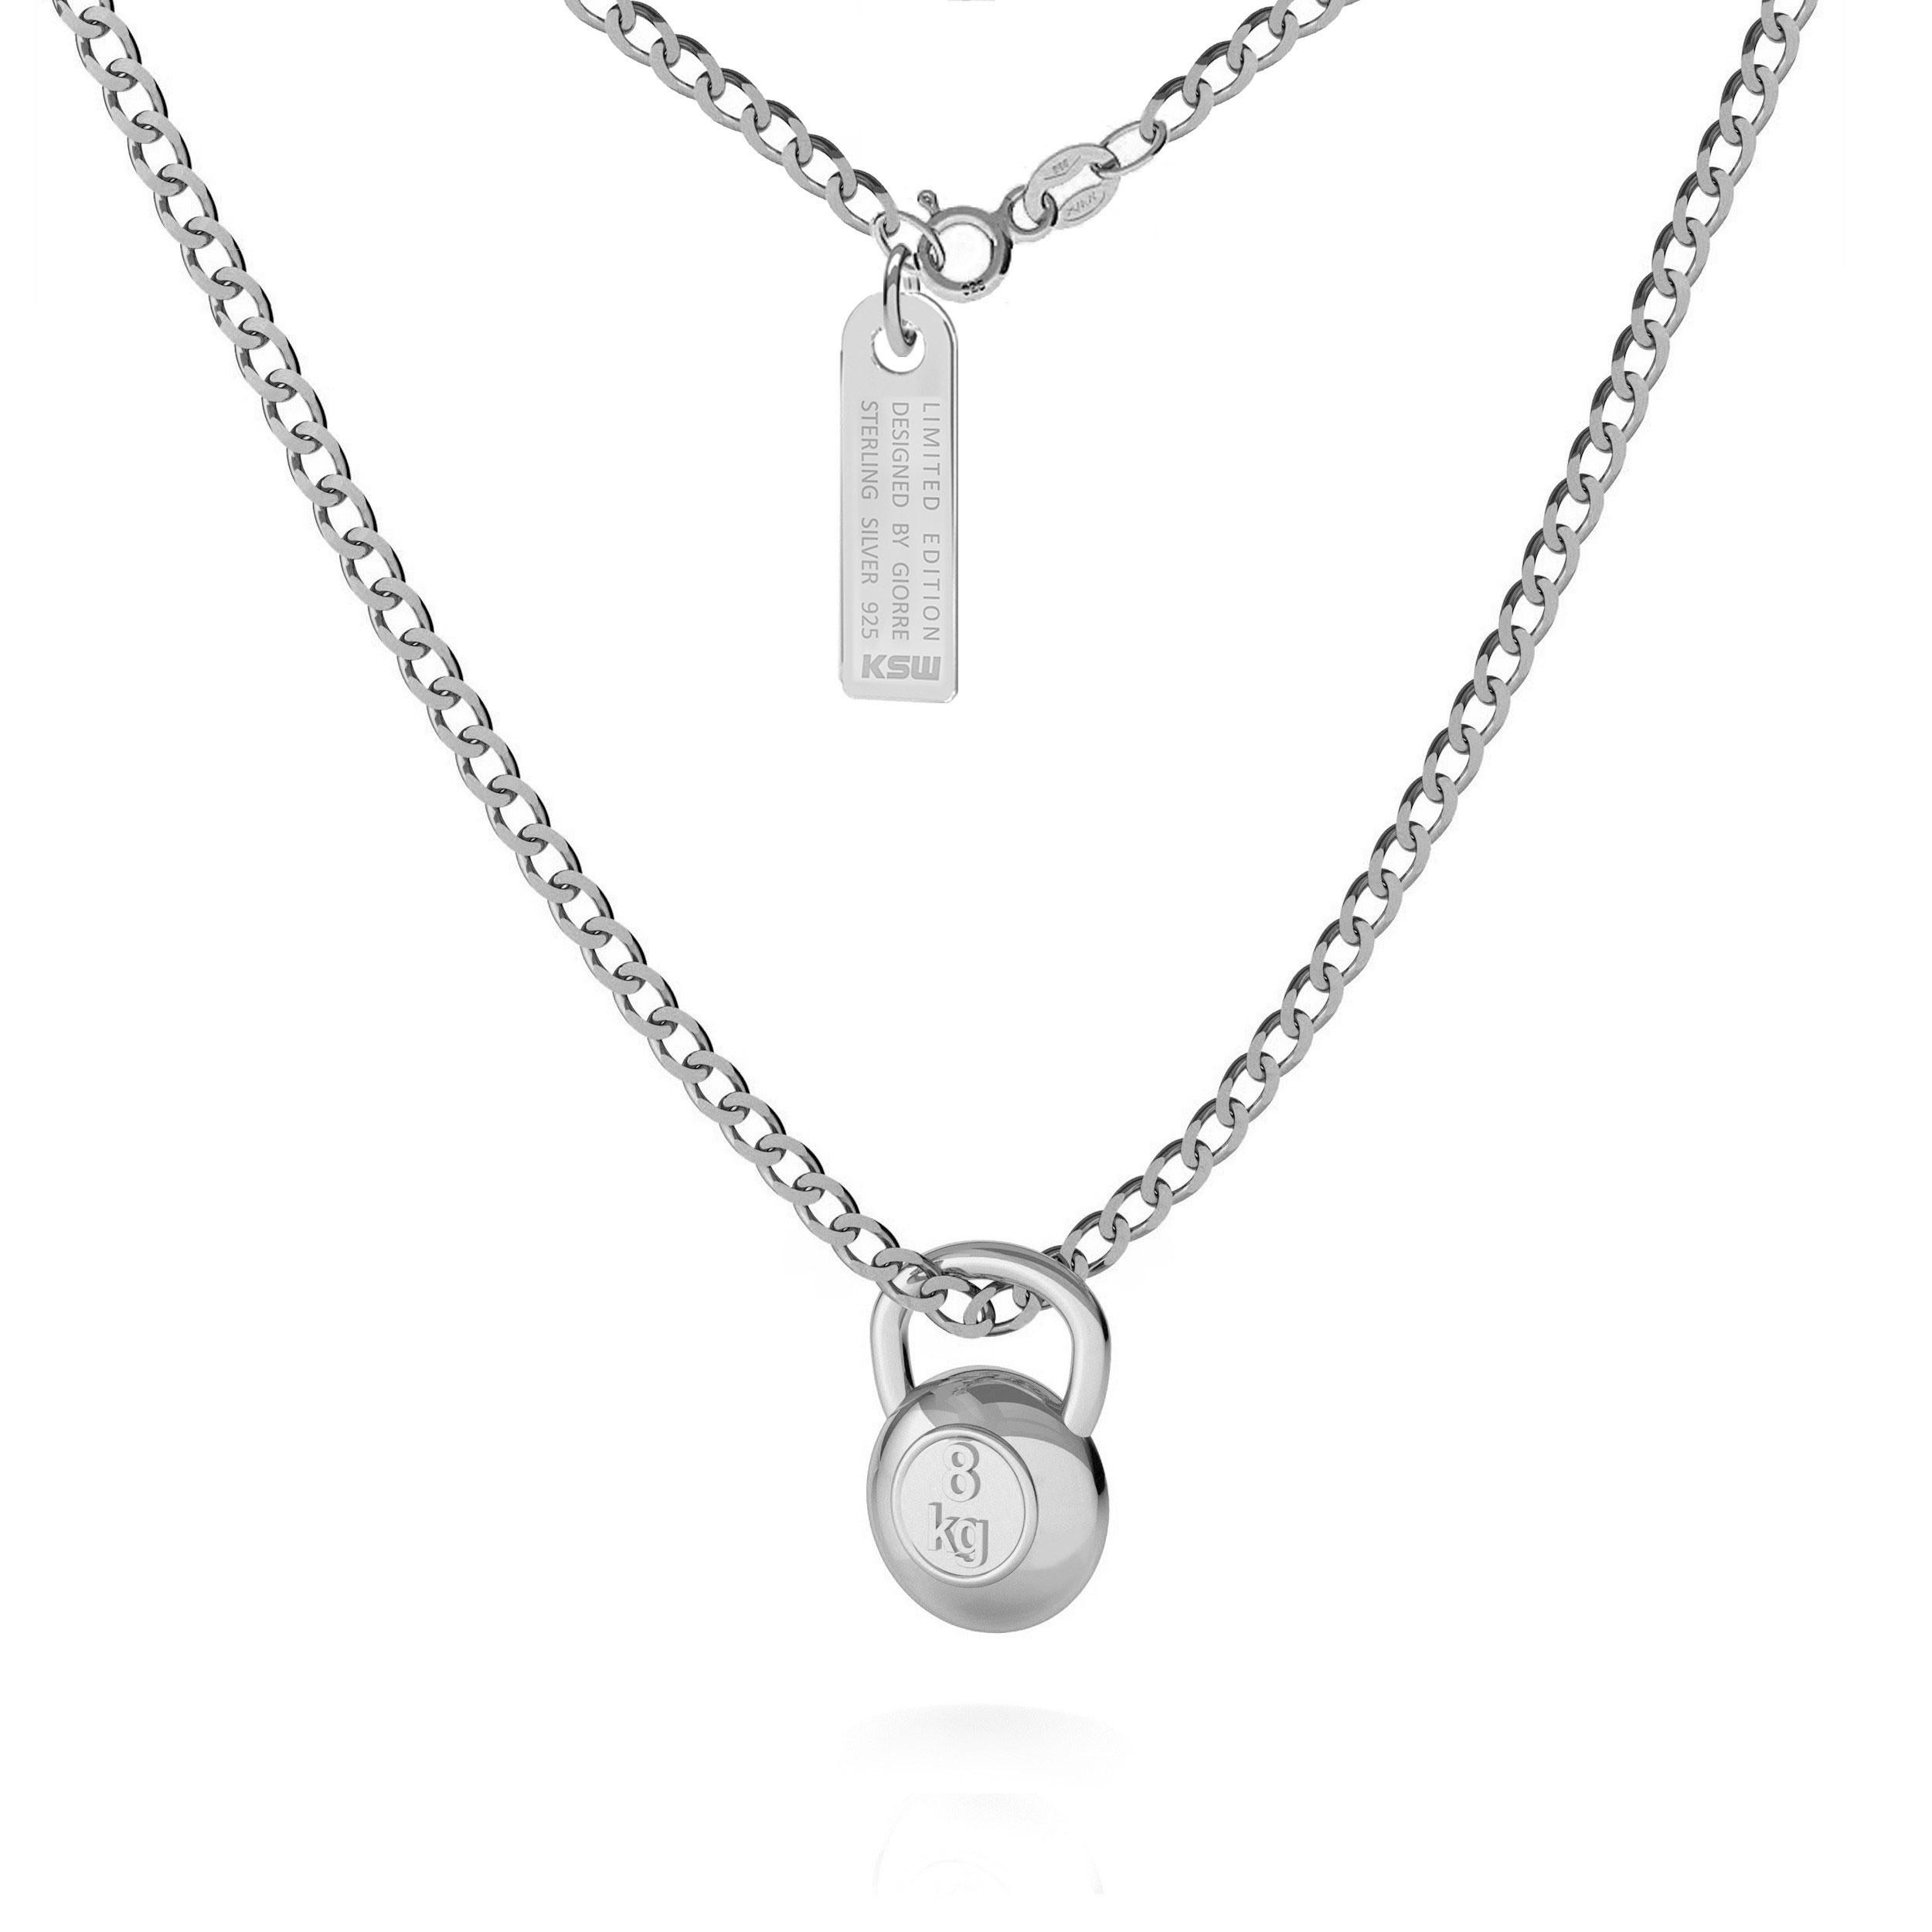 Naszyjnik z zawieszką ciężarek kettlebell, pancerka, srebro 925